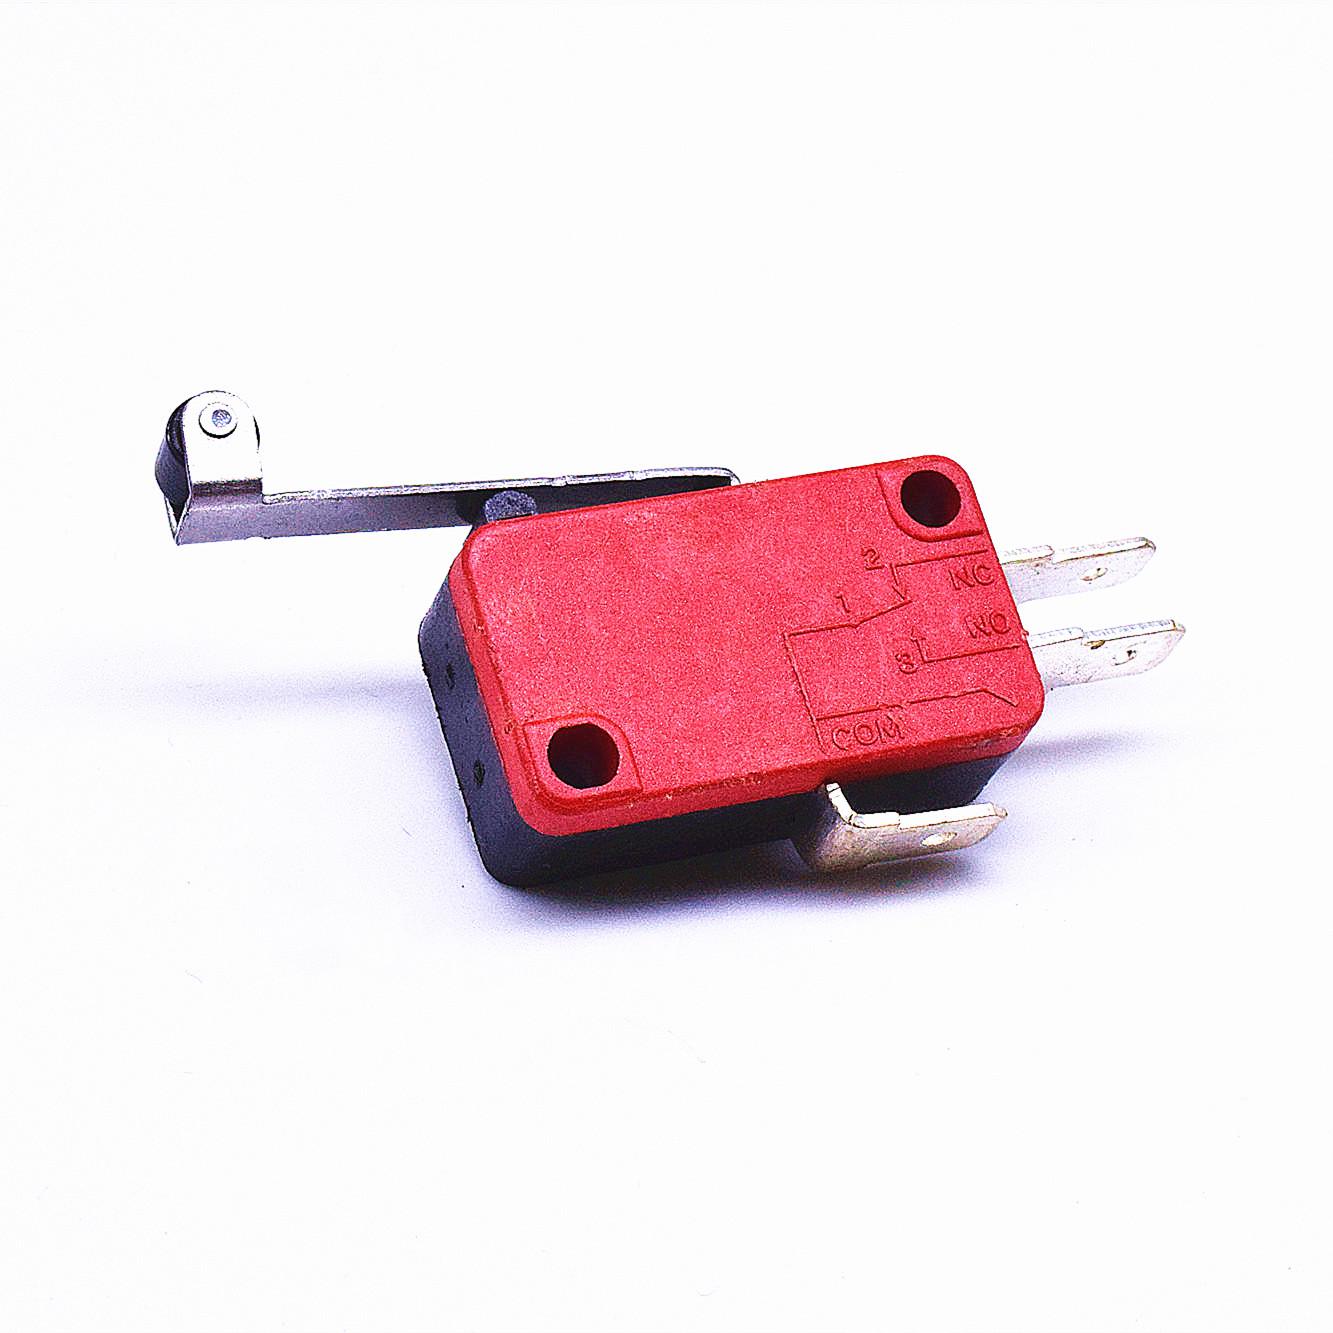 KW3-167-1C2(雙投型4.8H插片)-BR(殼體座黑 蓋紅)-G(黑色按柄)